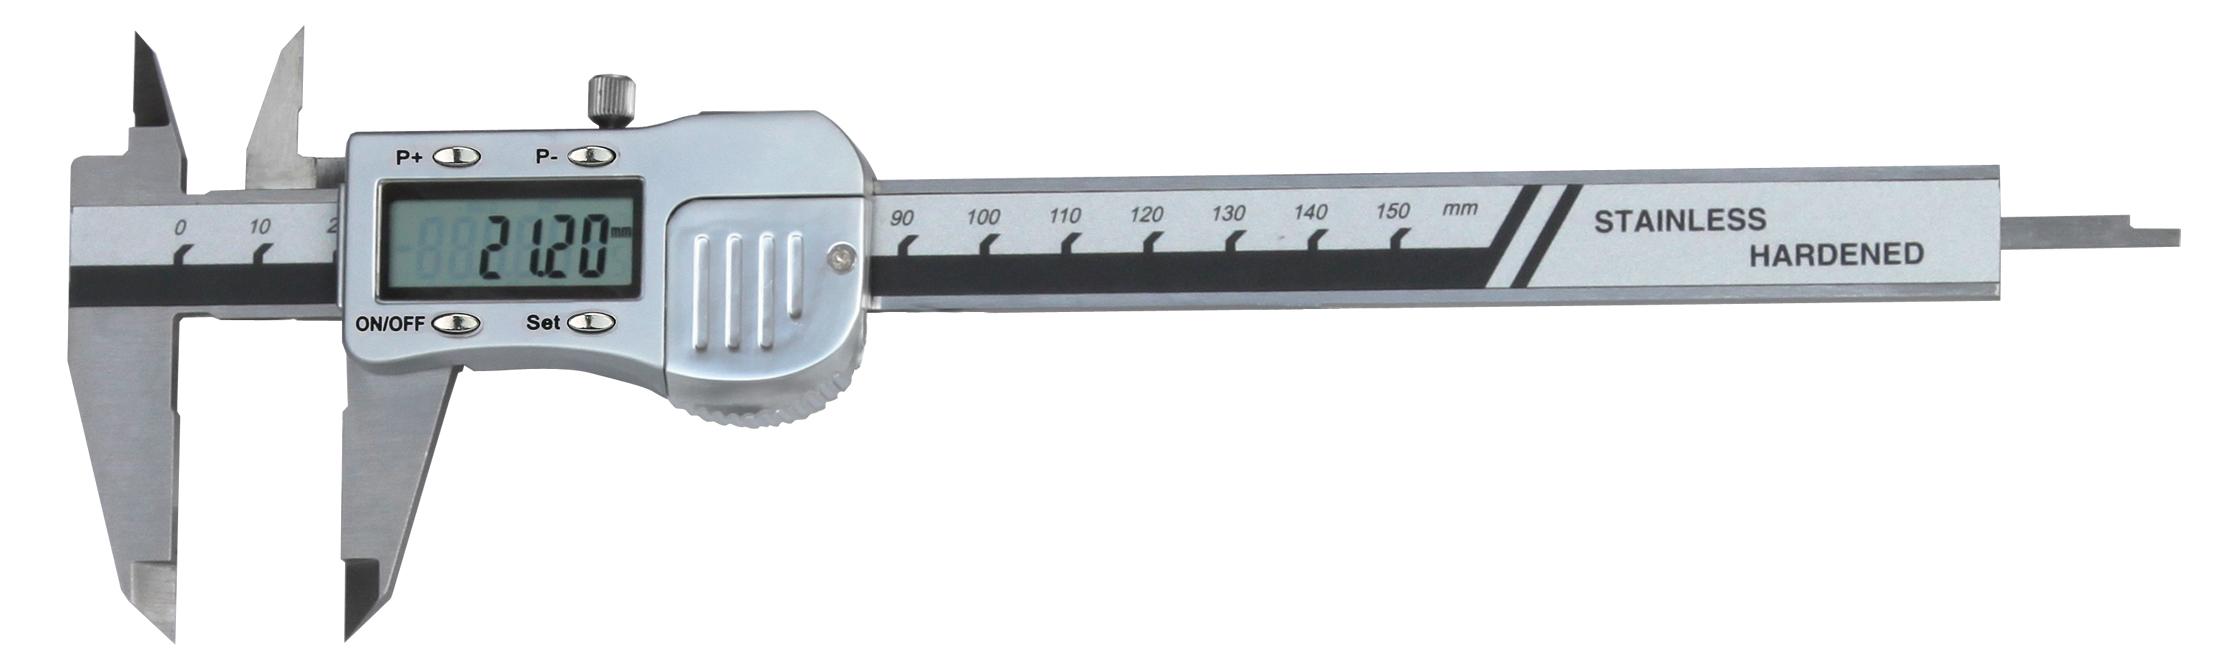 Digital-Taschen-Messschieber - Metallgehäuse - PRESET-Taste